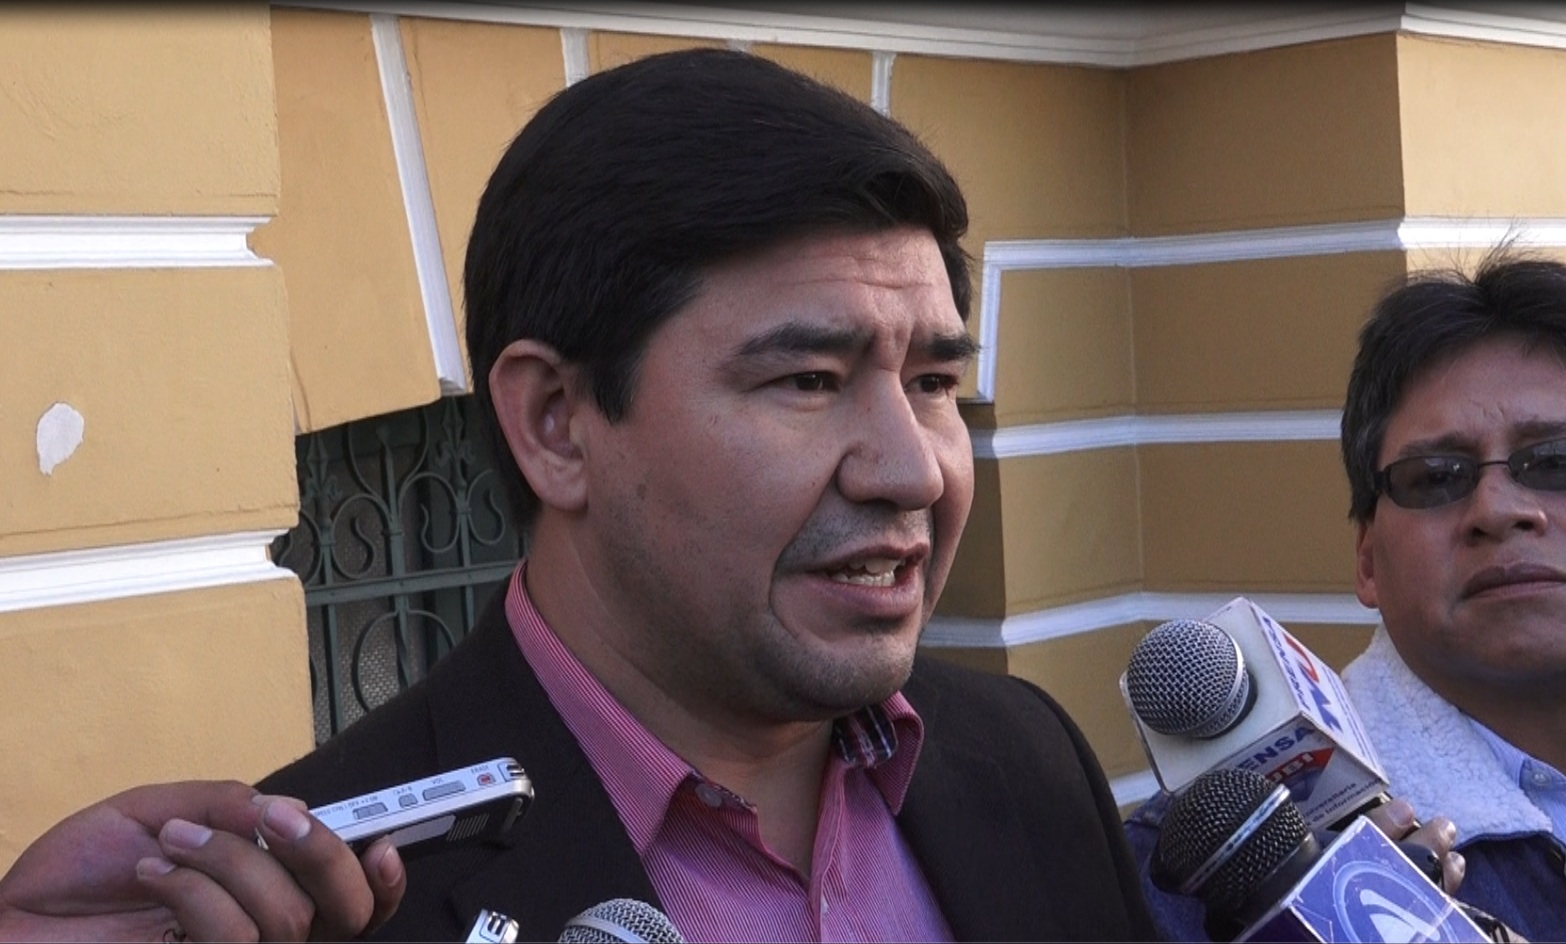 Barón afirma que la oposición acude al fácil expediente de criticar sin razón en lugar de generar propuestas